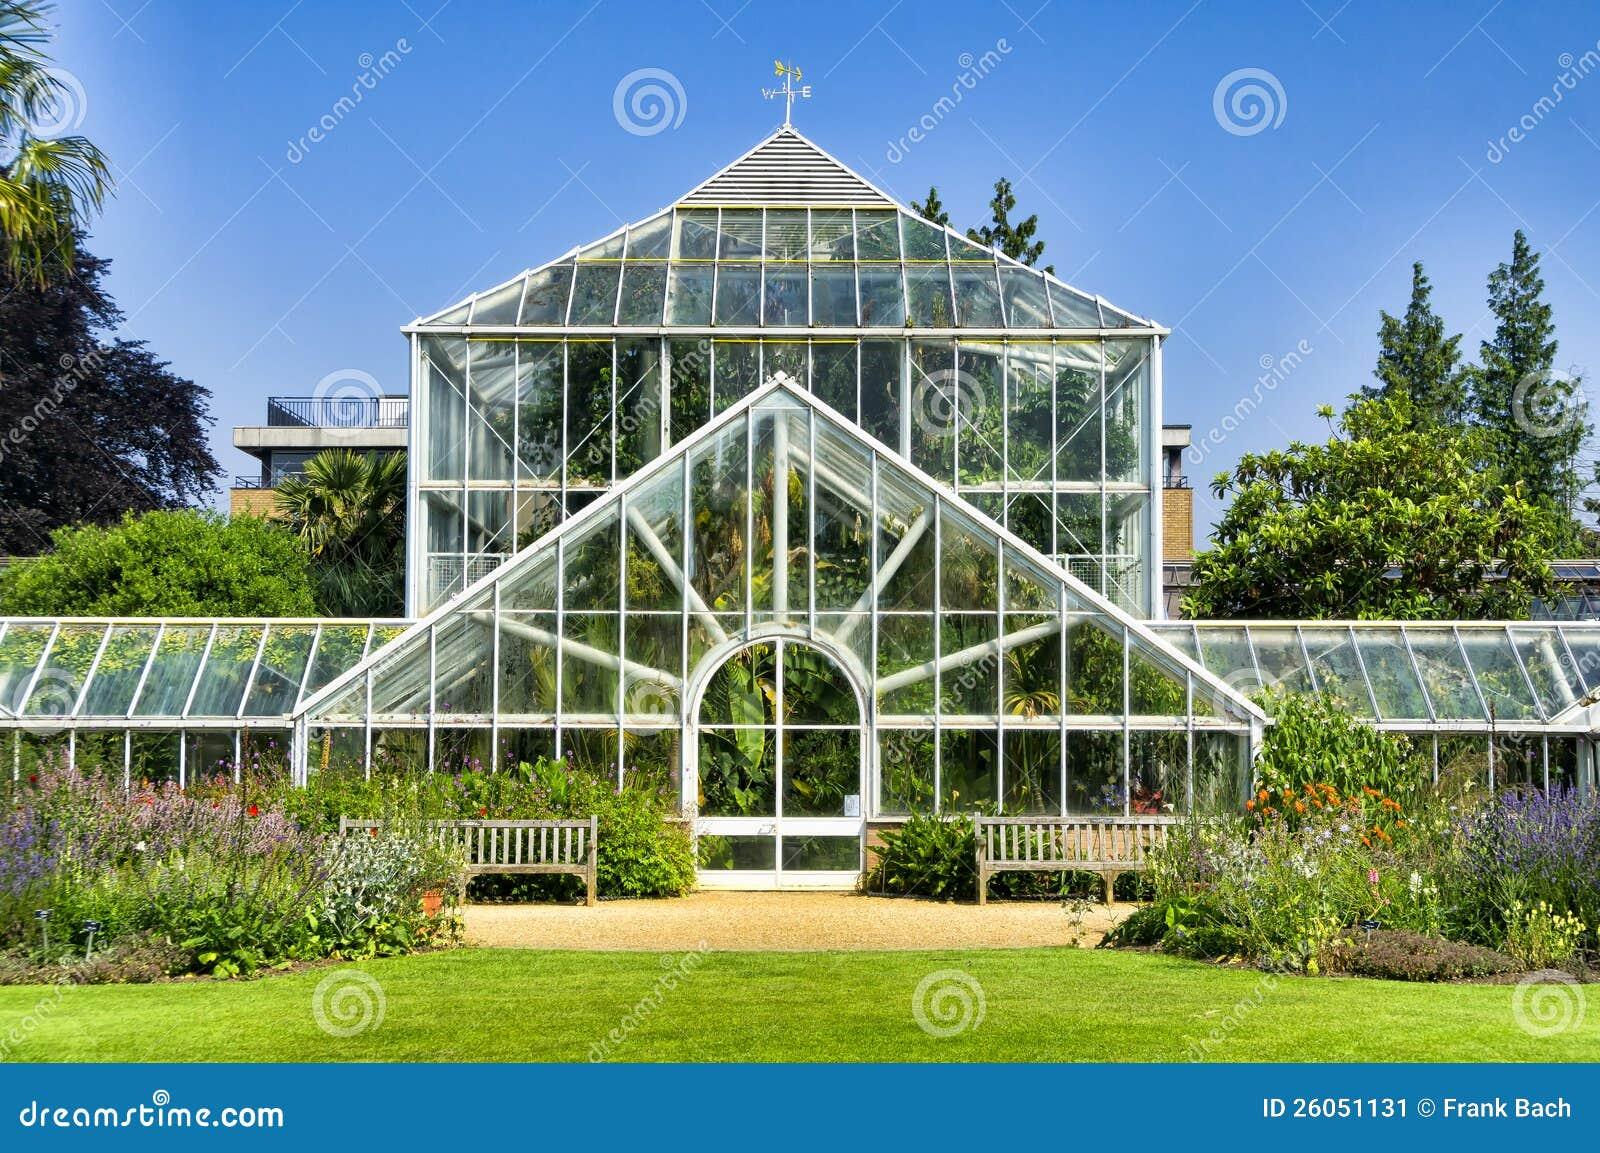 jardin botanique serre chaude image stock image 26051131. Black Bedroom Furniture Sets. Home Design Ideas